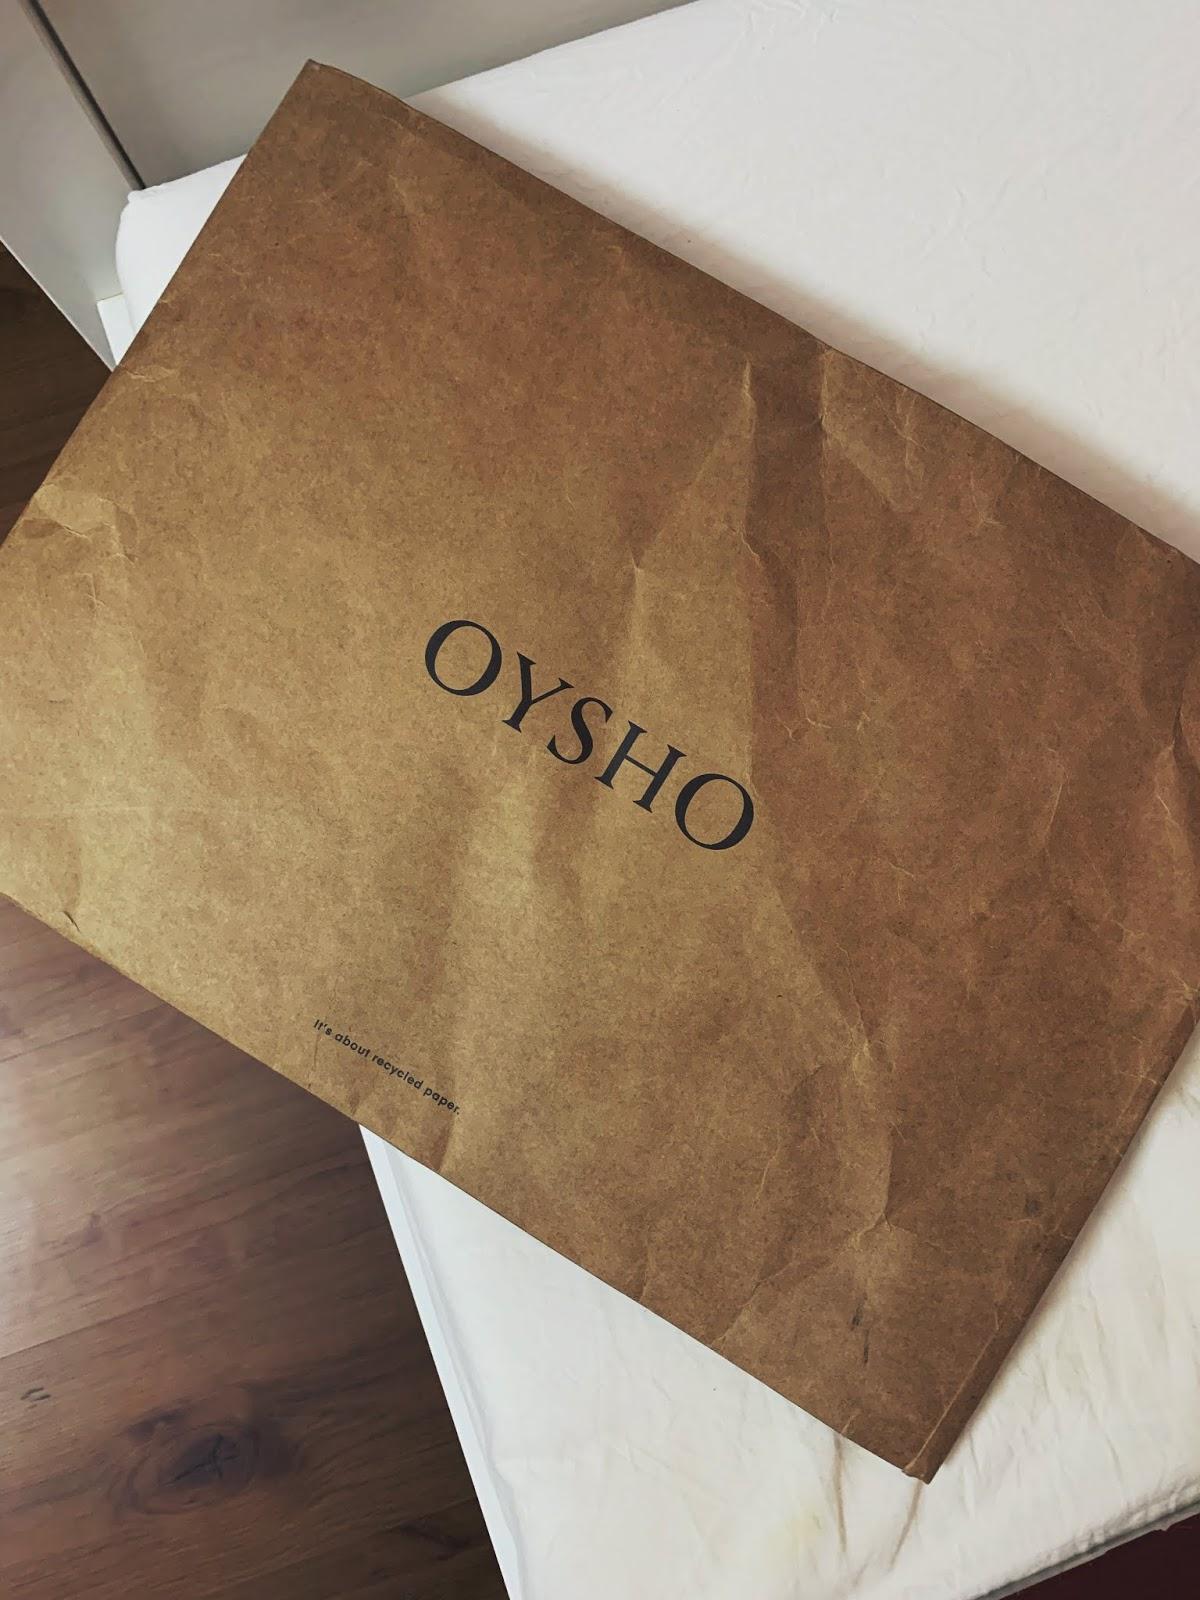 279b08b622991 تجربة الطلب من موقع اويشو oysho التركي. السلام عليكم